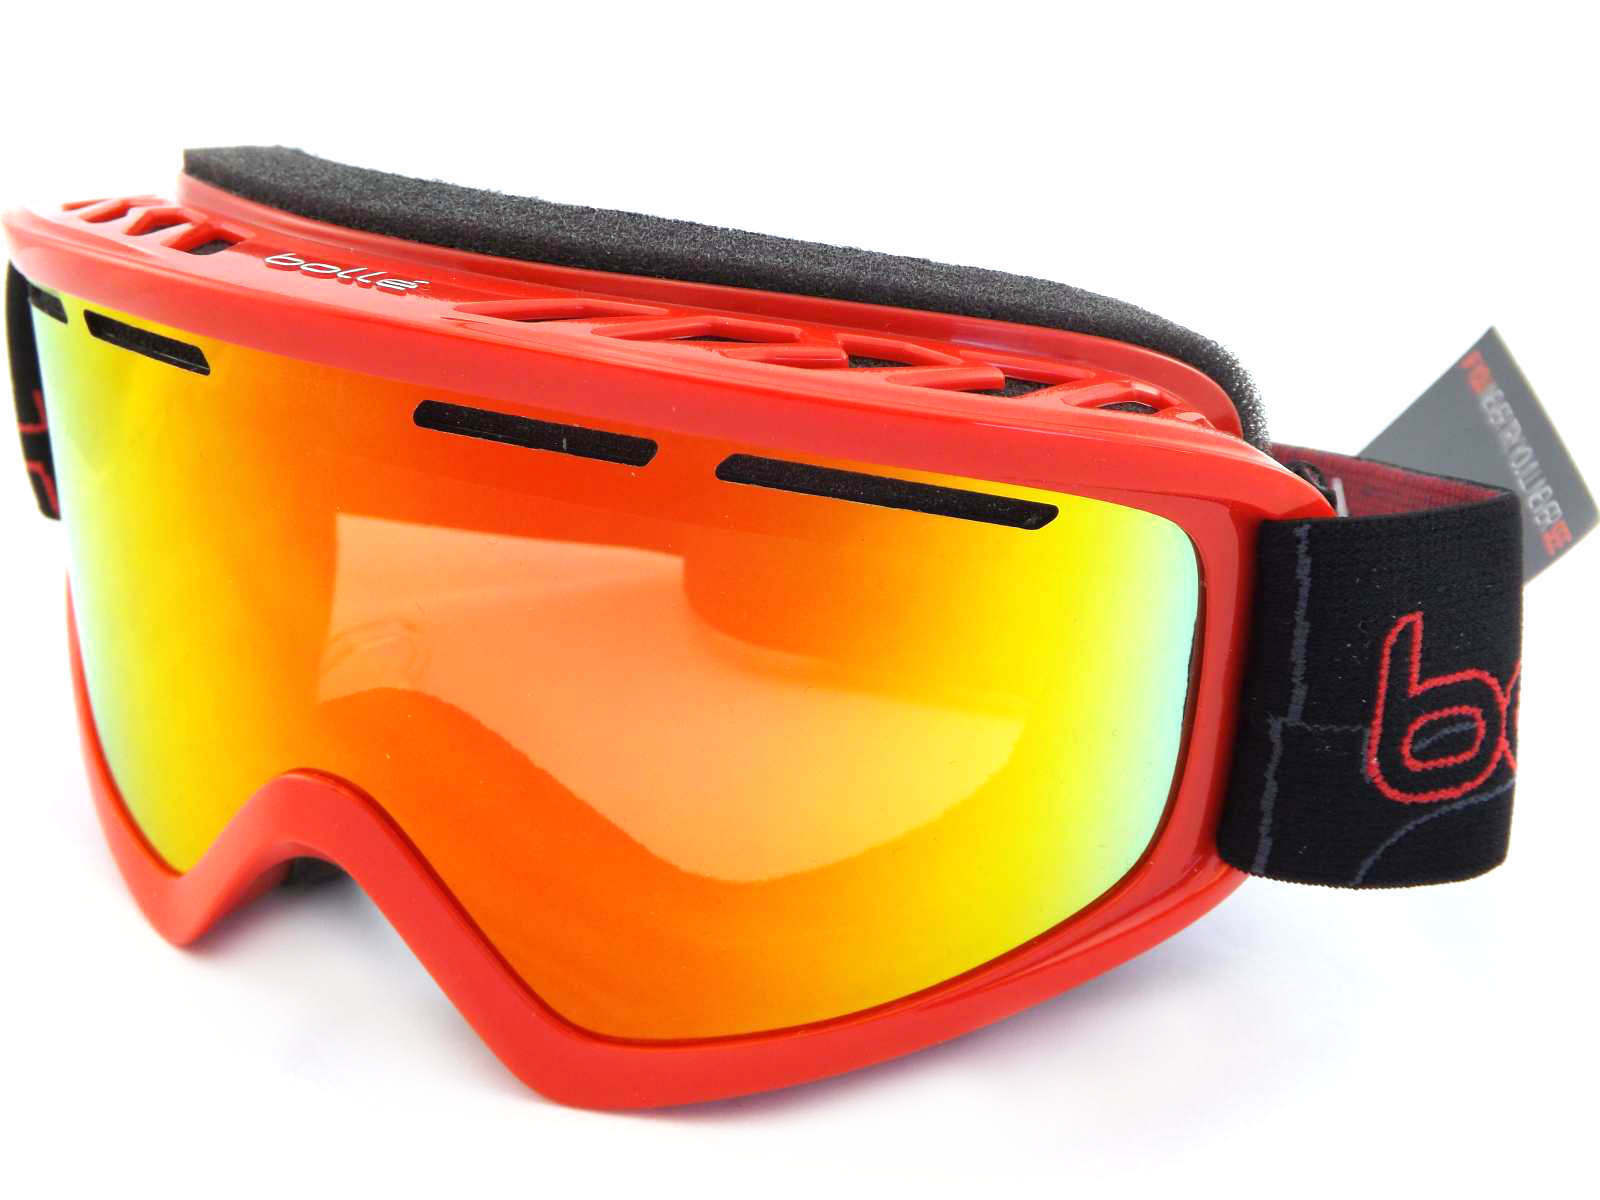 Bolle Schuss Mittlere Passform Schuss Bolle Ski Snowboardbrille Glänzend Rot/Sonnenaufgang a24252